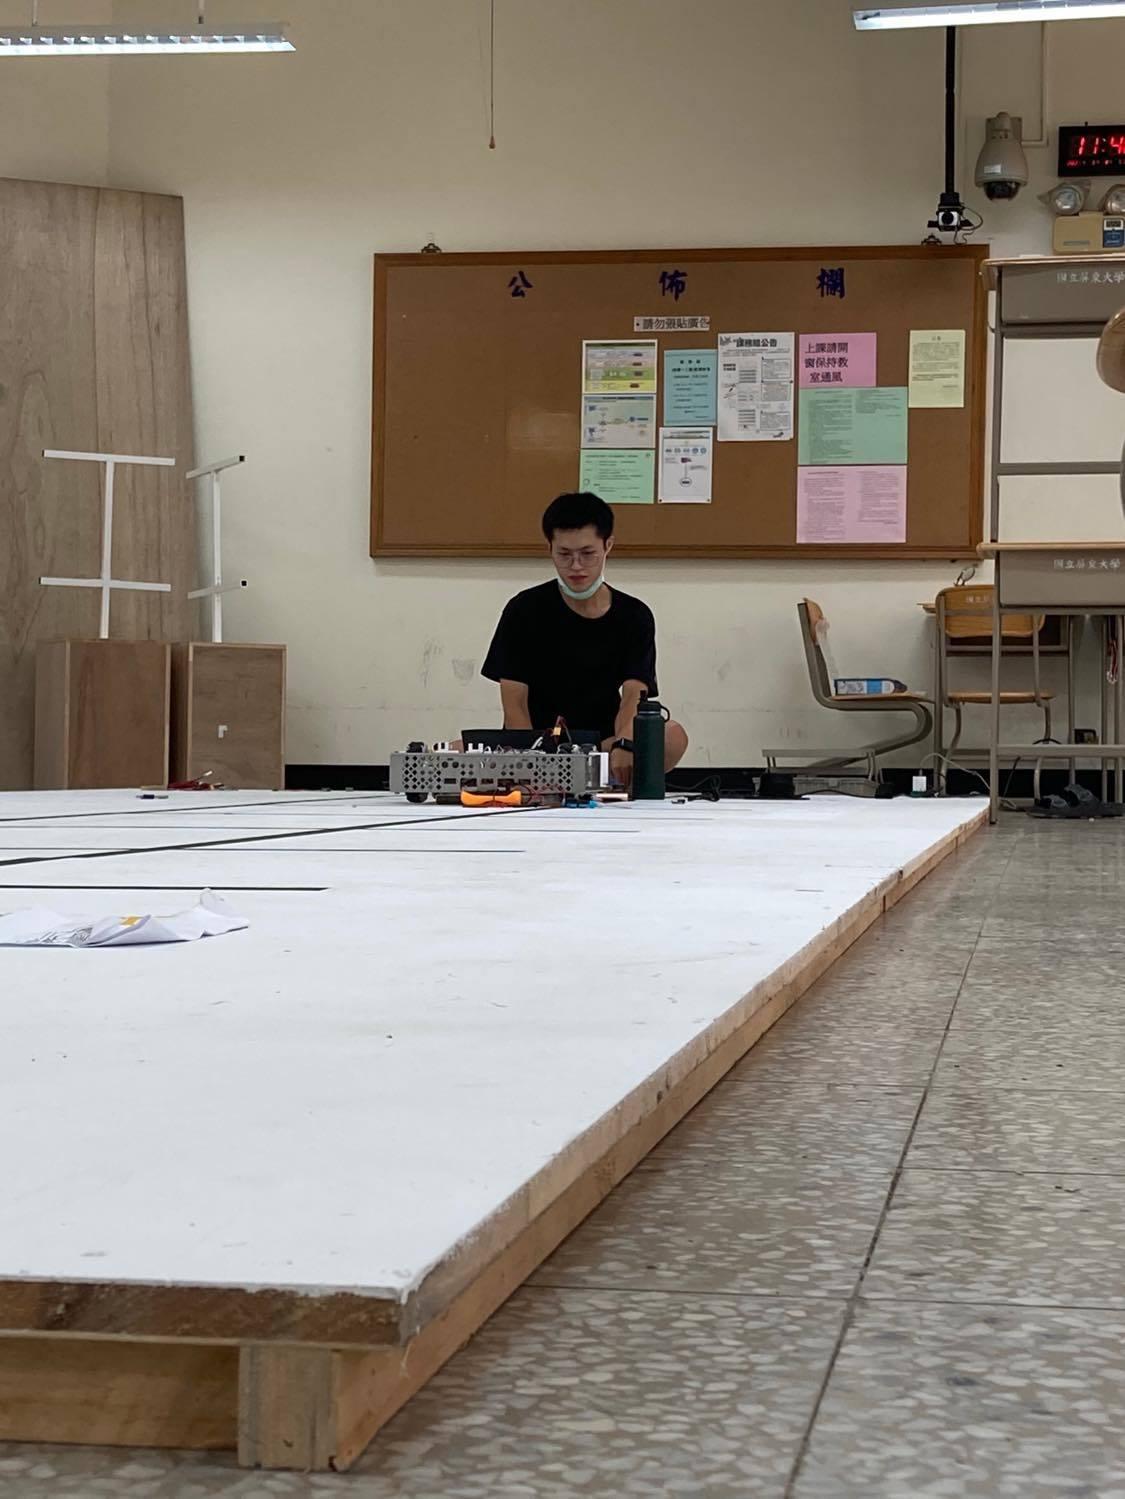 屏東大學智慧機器人學系大四學生馮柏勛。圖/馮柏勛提供